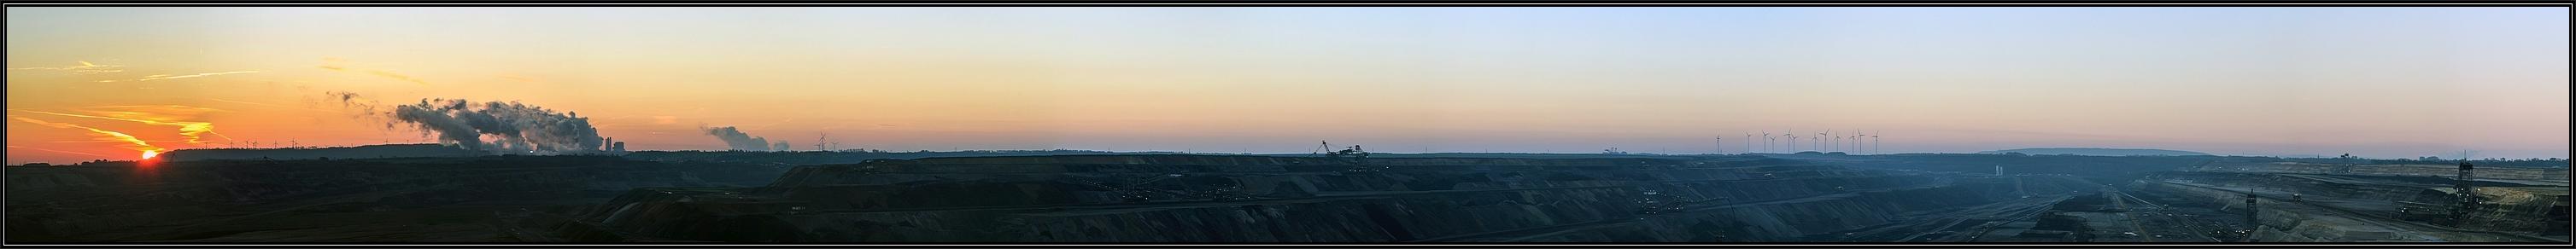 Frühschicht im Tagebau